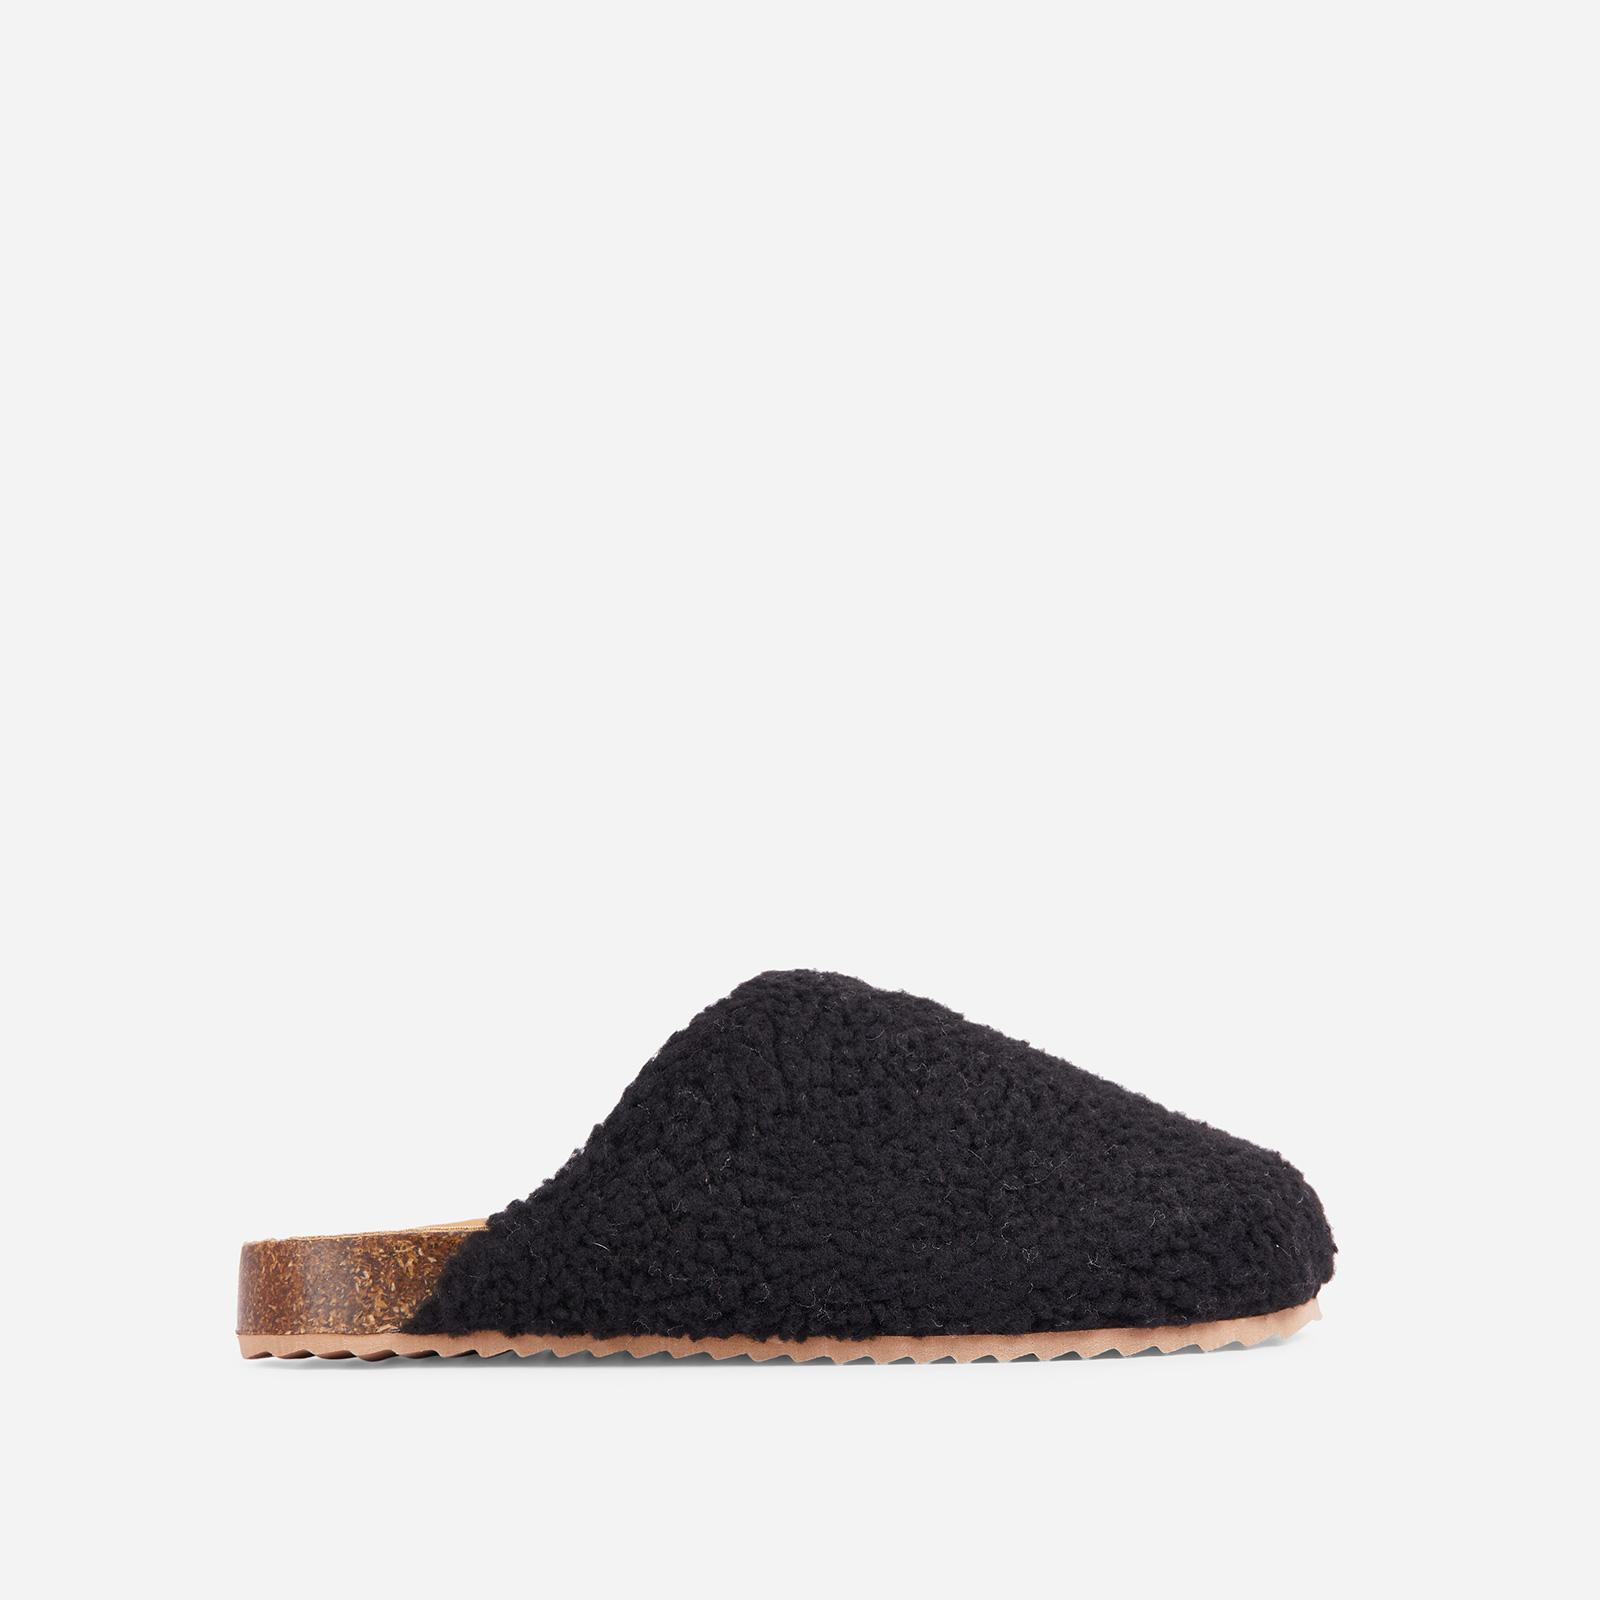 EGO Oozy Flat Mule In Black Faux Shearling, Black  - female - Size: 7